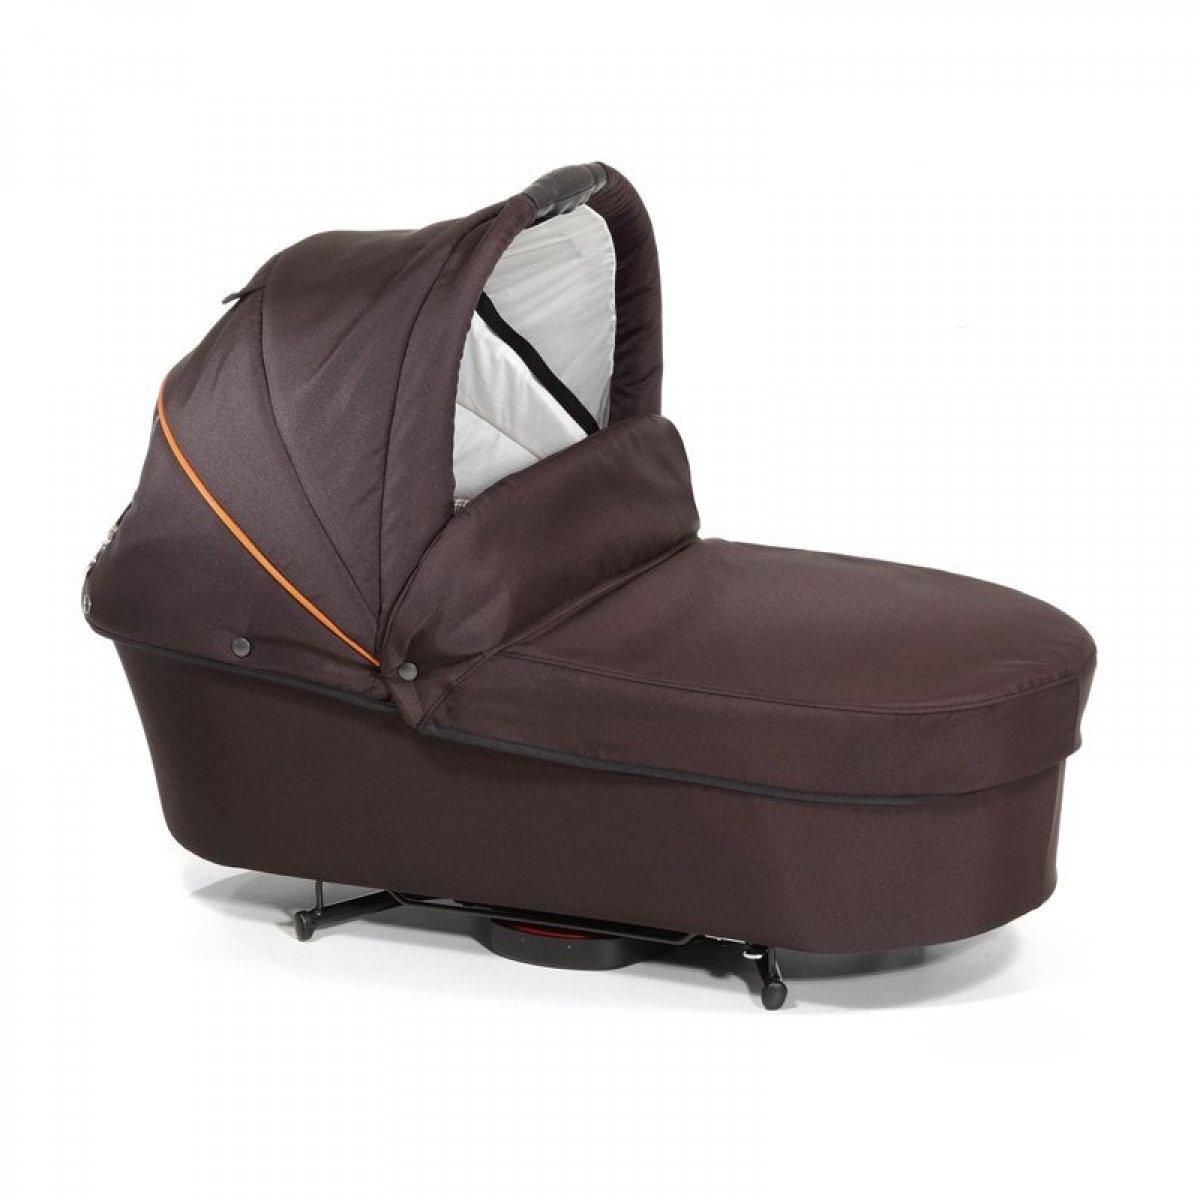 hartan falttasche 4027 babywanne kinderwagenaufsatz design 2014, Hause ideen